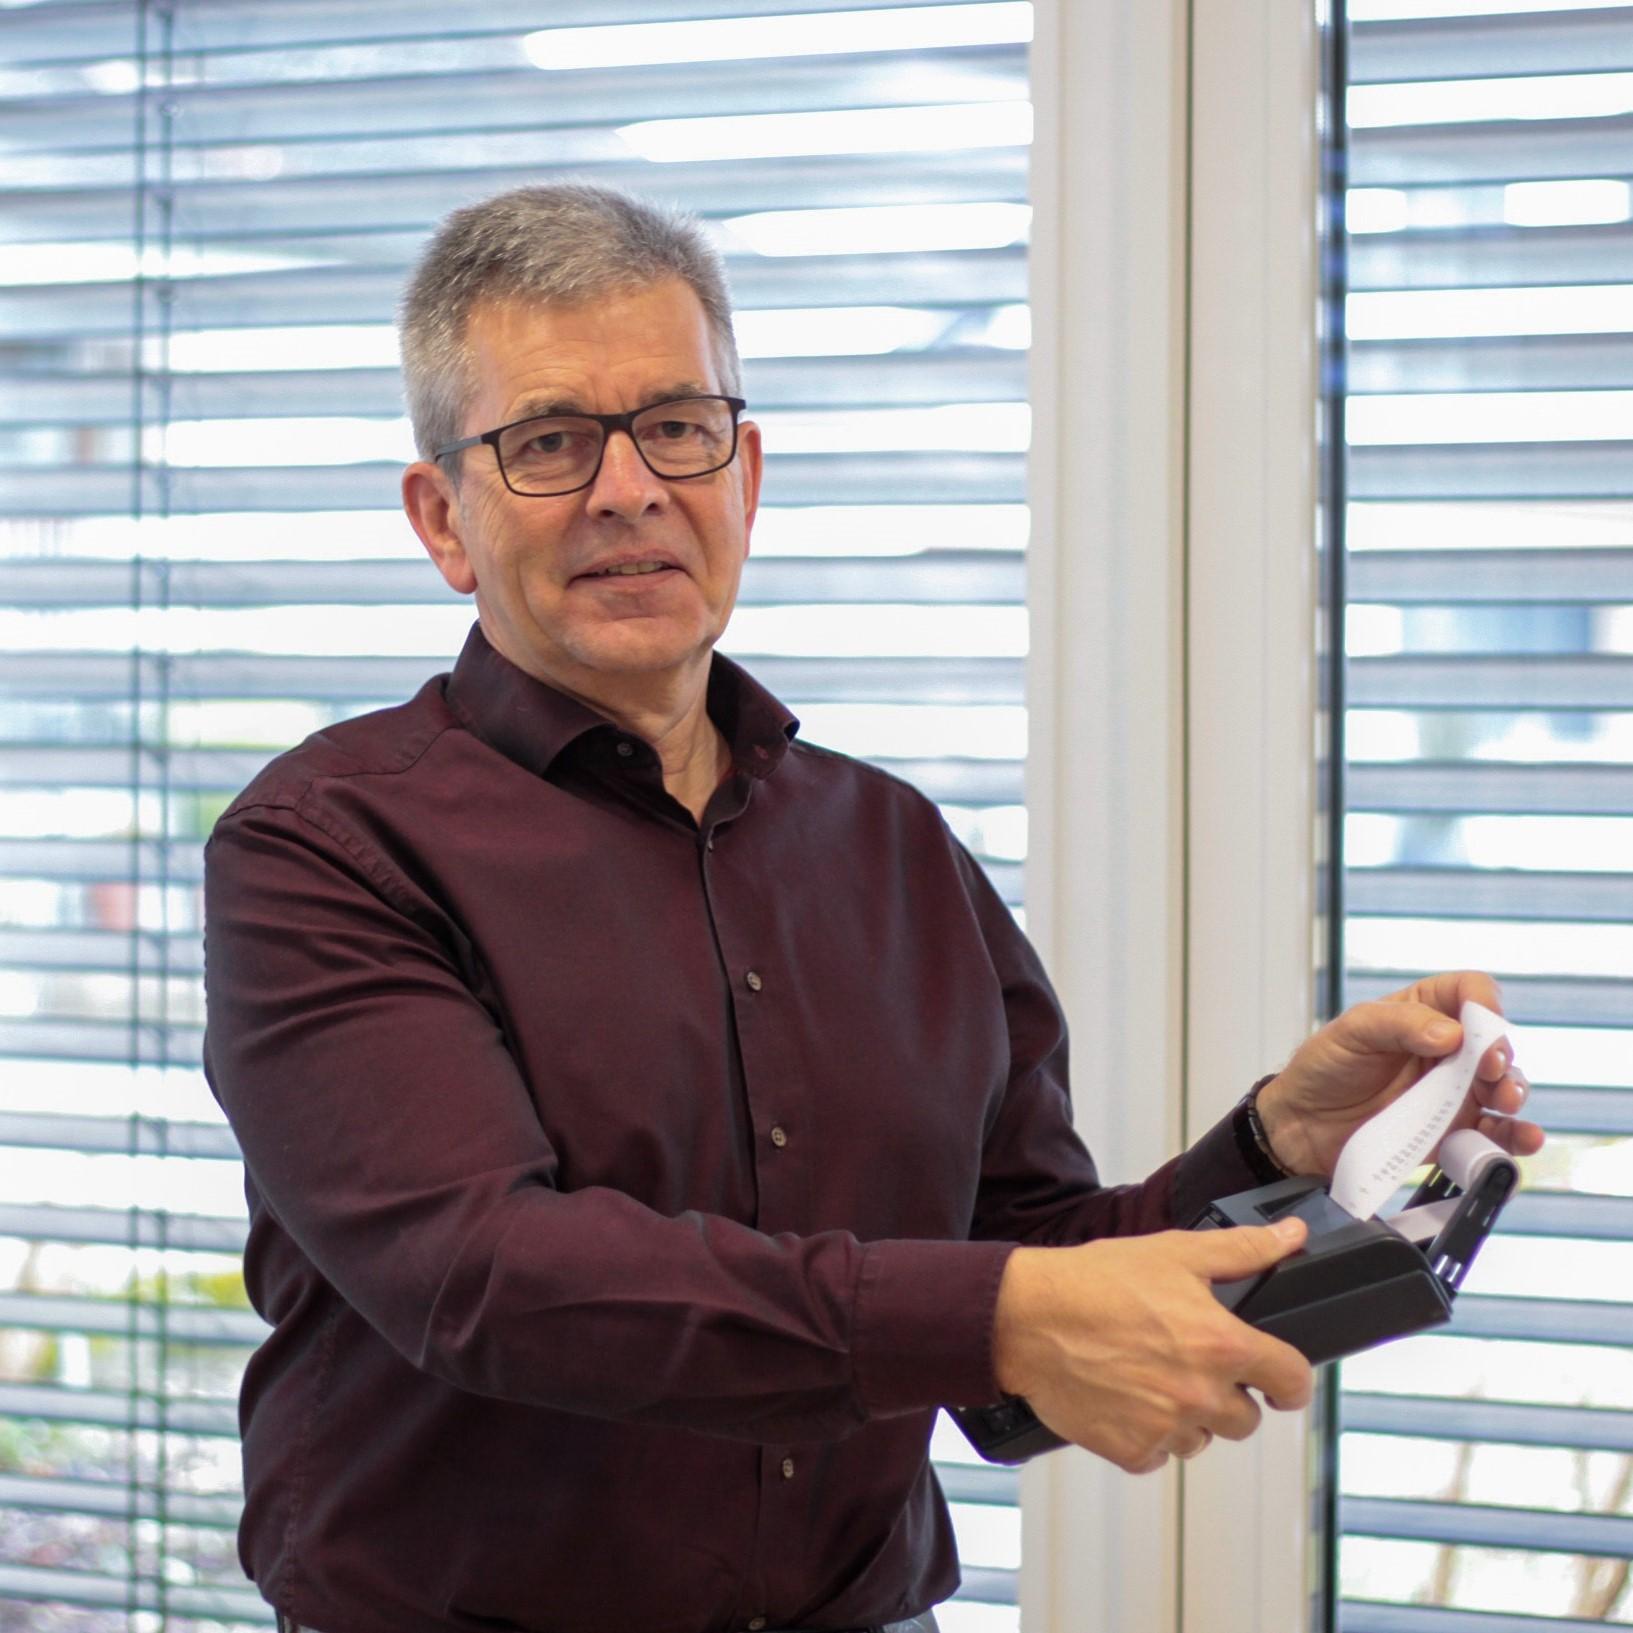 Klaus Machmerth